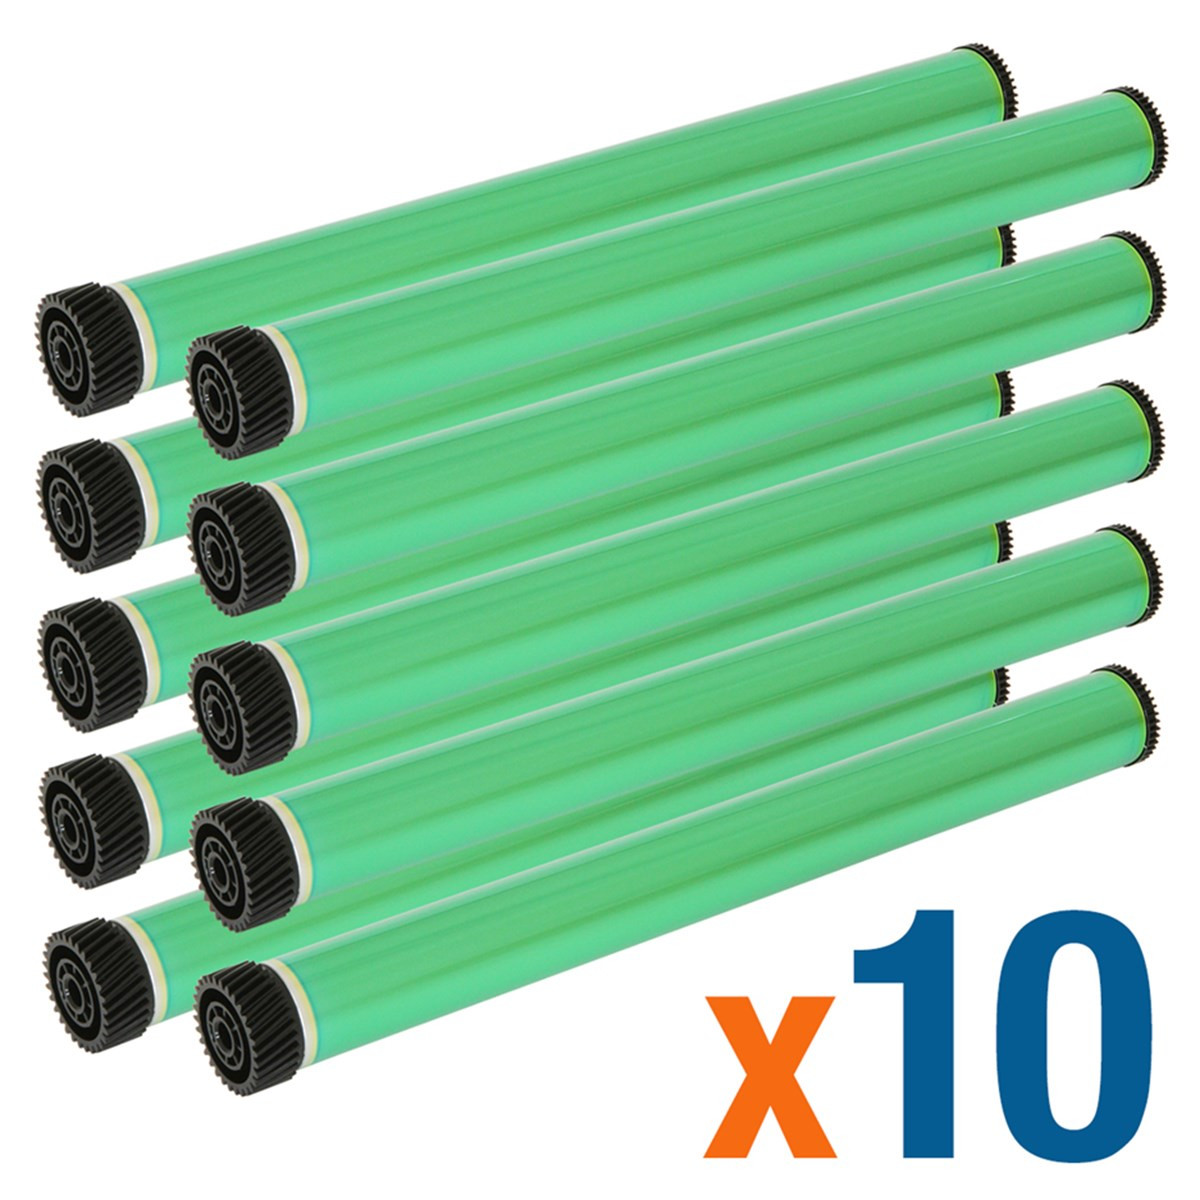 Kit 10 Cilindro Samsung ML1710 ML2250 | SCX4016 SCX4100 SCX4116 SCX4200 SCX4300 SCX4216 | Importado